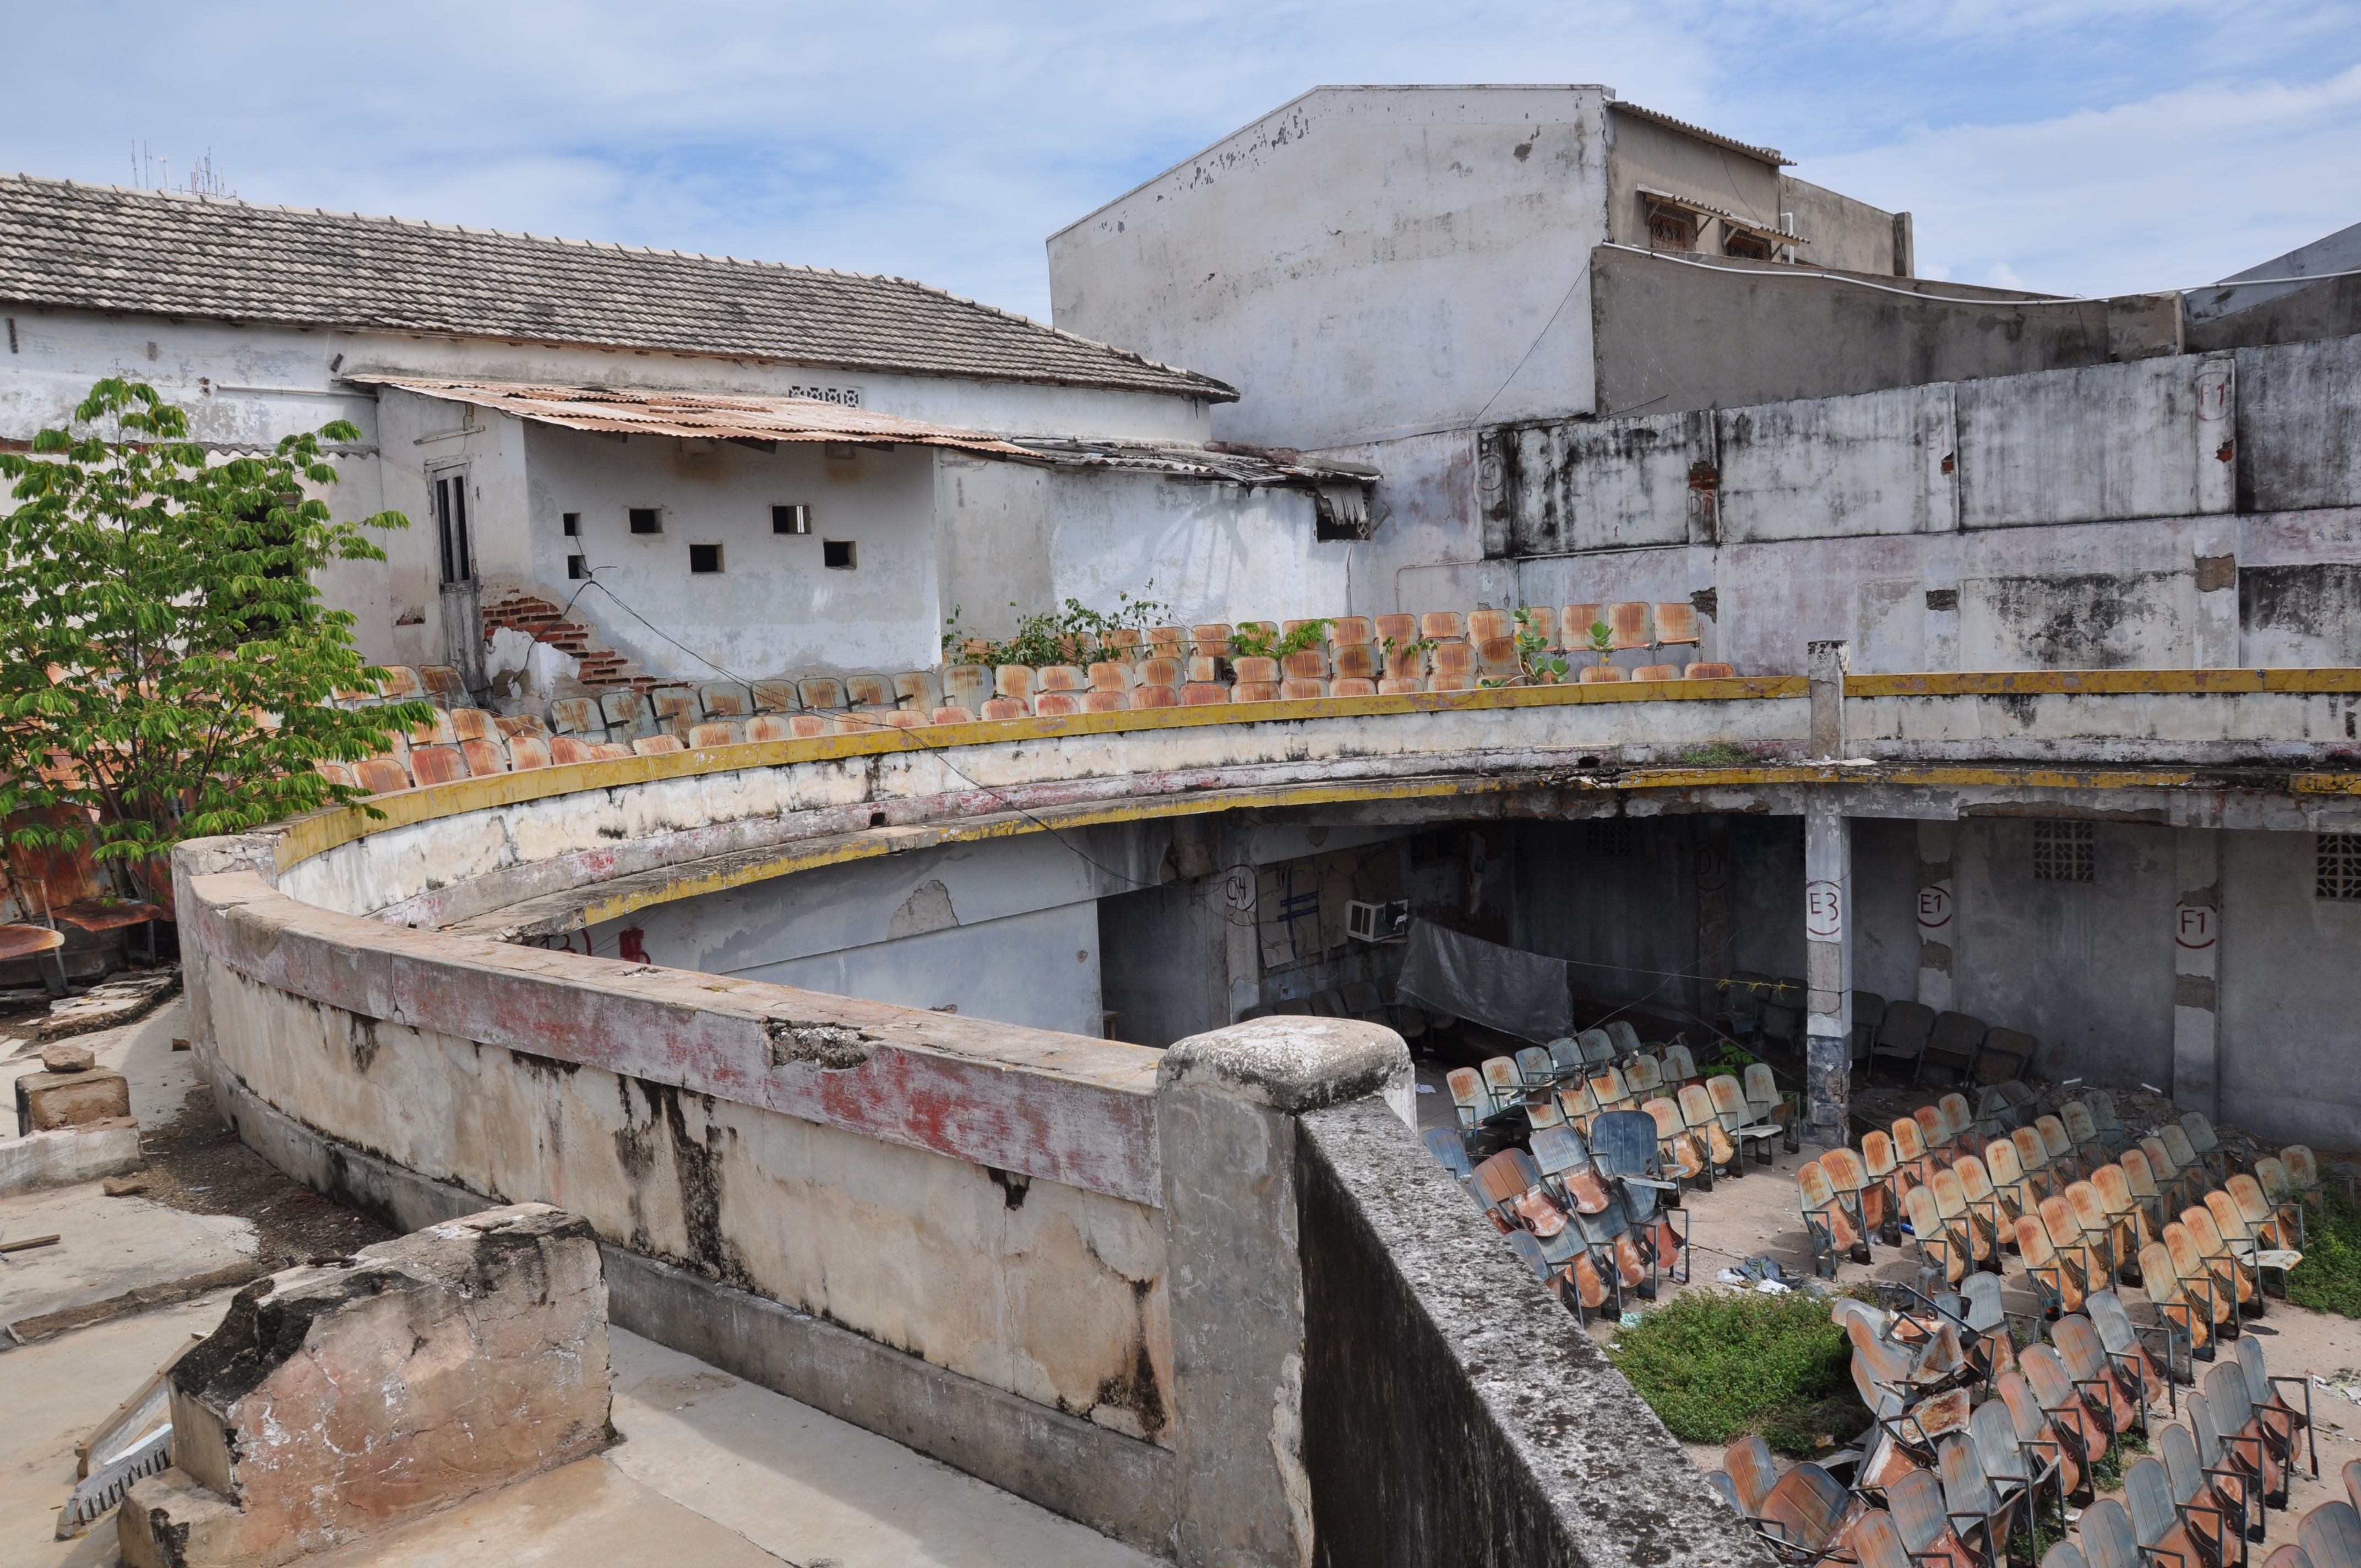 Así se encuentra la parte alta del interior del teatro Aurora, de Riohacha.